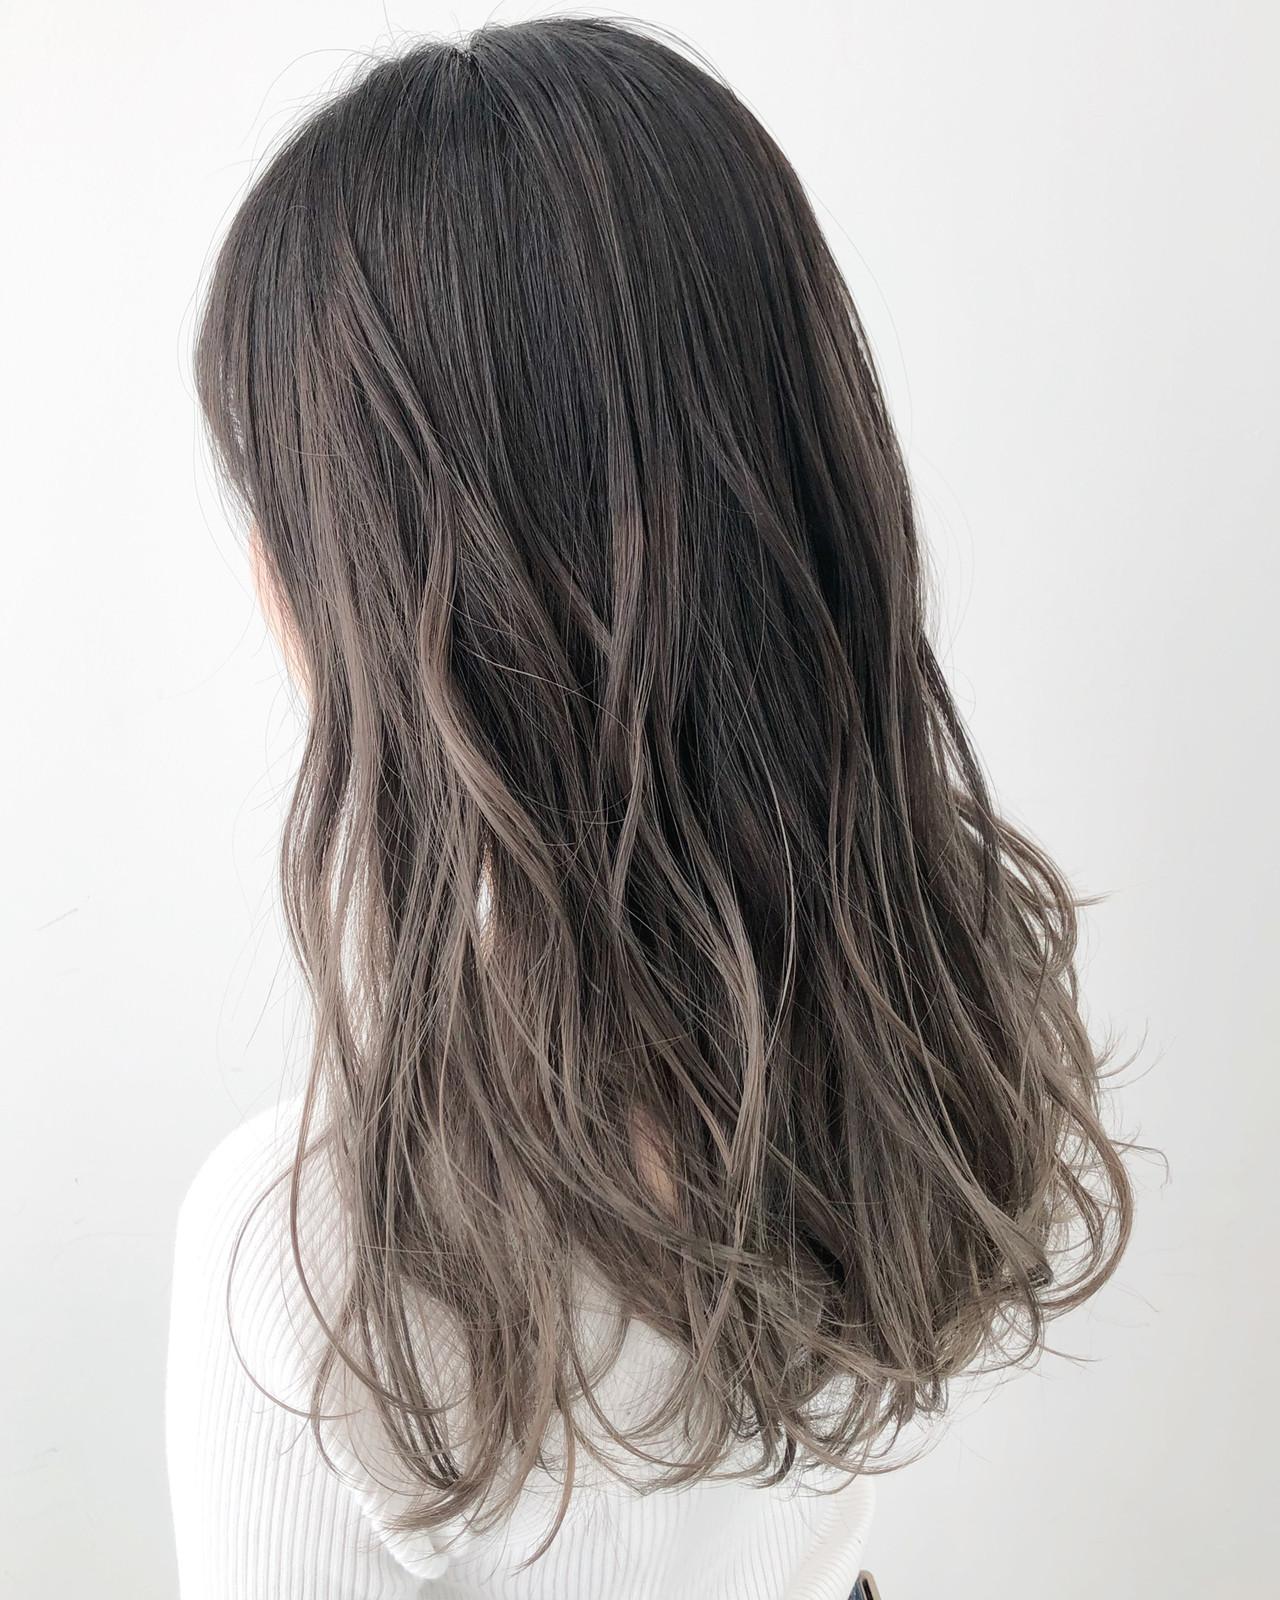 ヘアカラー ナチュラル グラデーションカラー ブリーチカラー ヘアスタイルや髪型の写真・画像   白土 諒 ALIVE kichijoji 店長 / ALIVE kichijoji